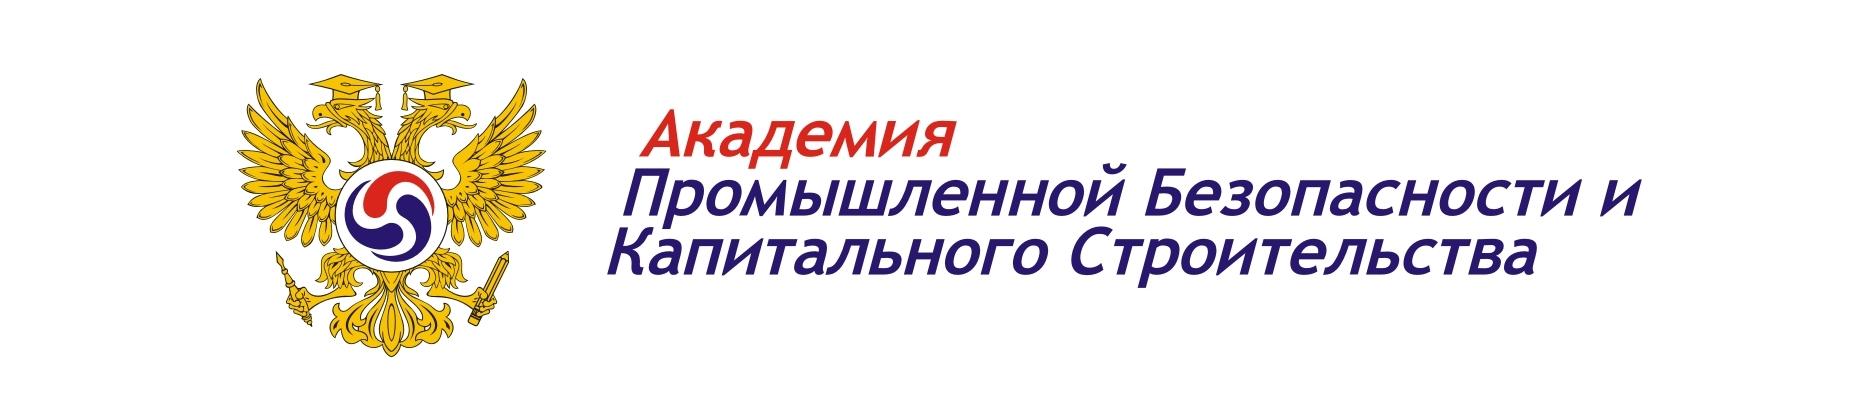 Работа в компании «Академия промышленной безопасности и капитального строительства» в Москвы